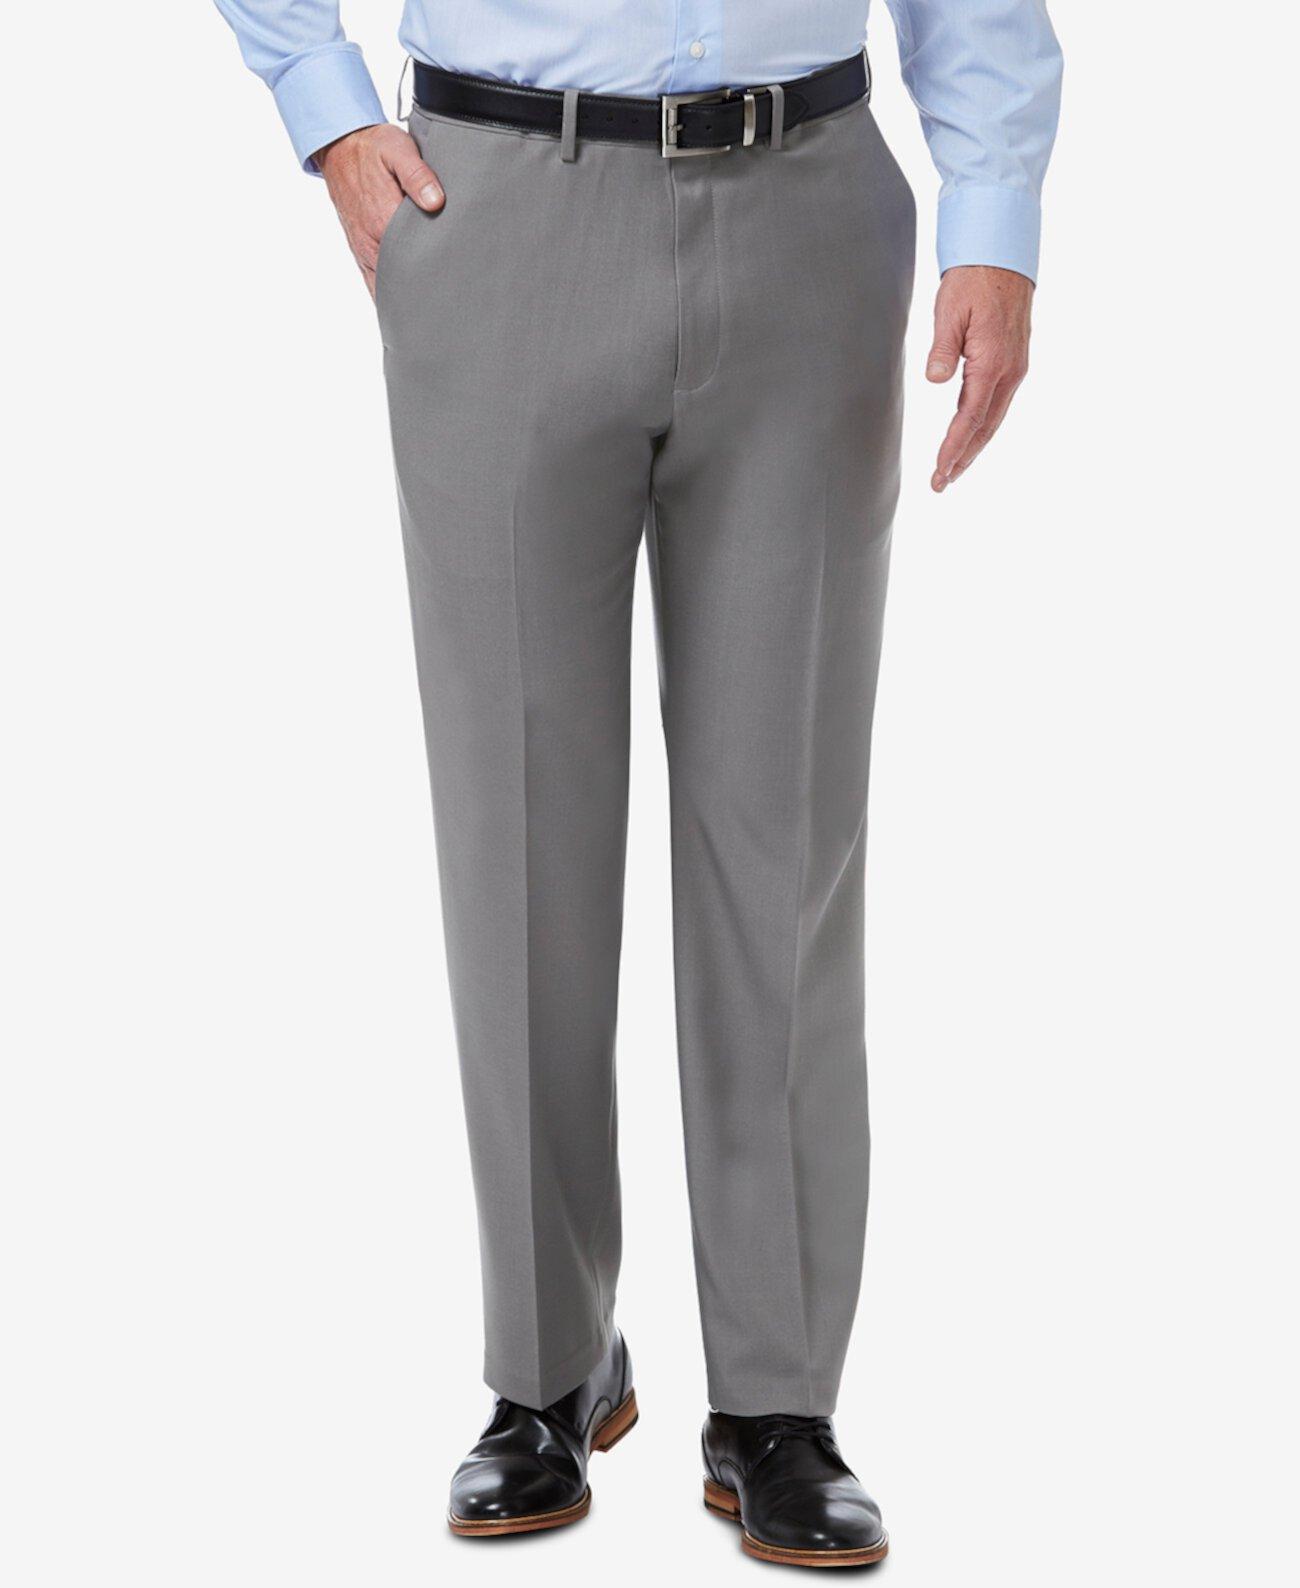 Мужские классические эластичные сплошные плоские передние классические брюки премиум класса Comfort HAGGAR